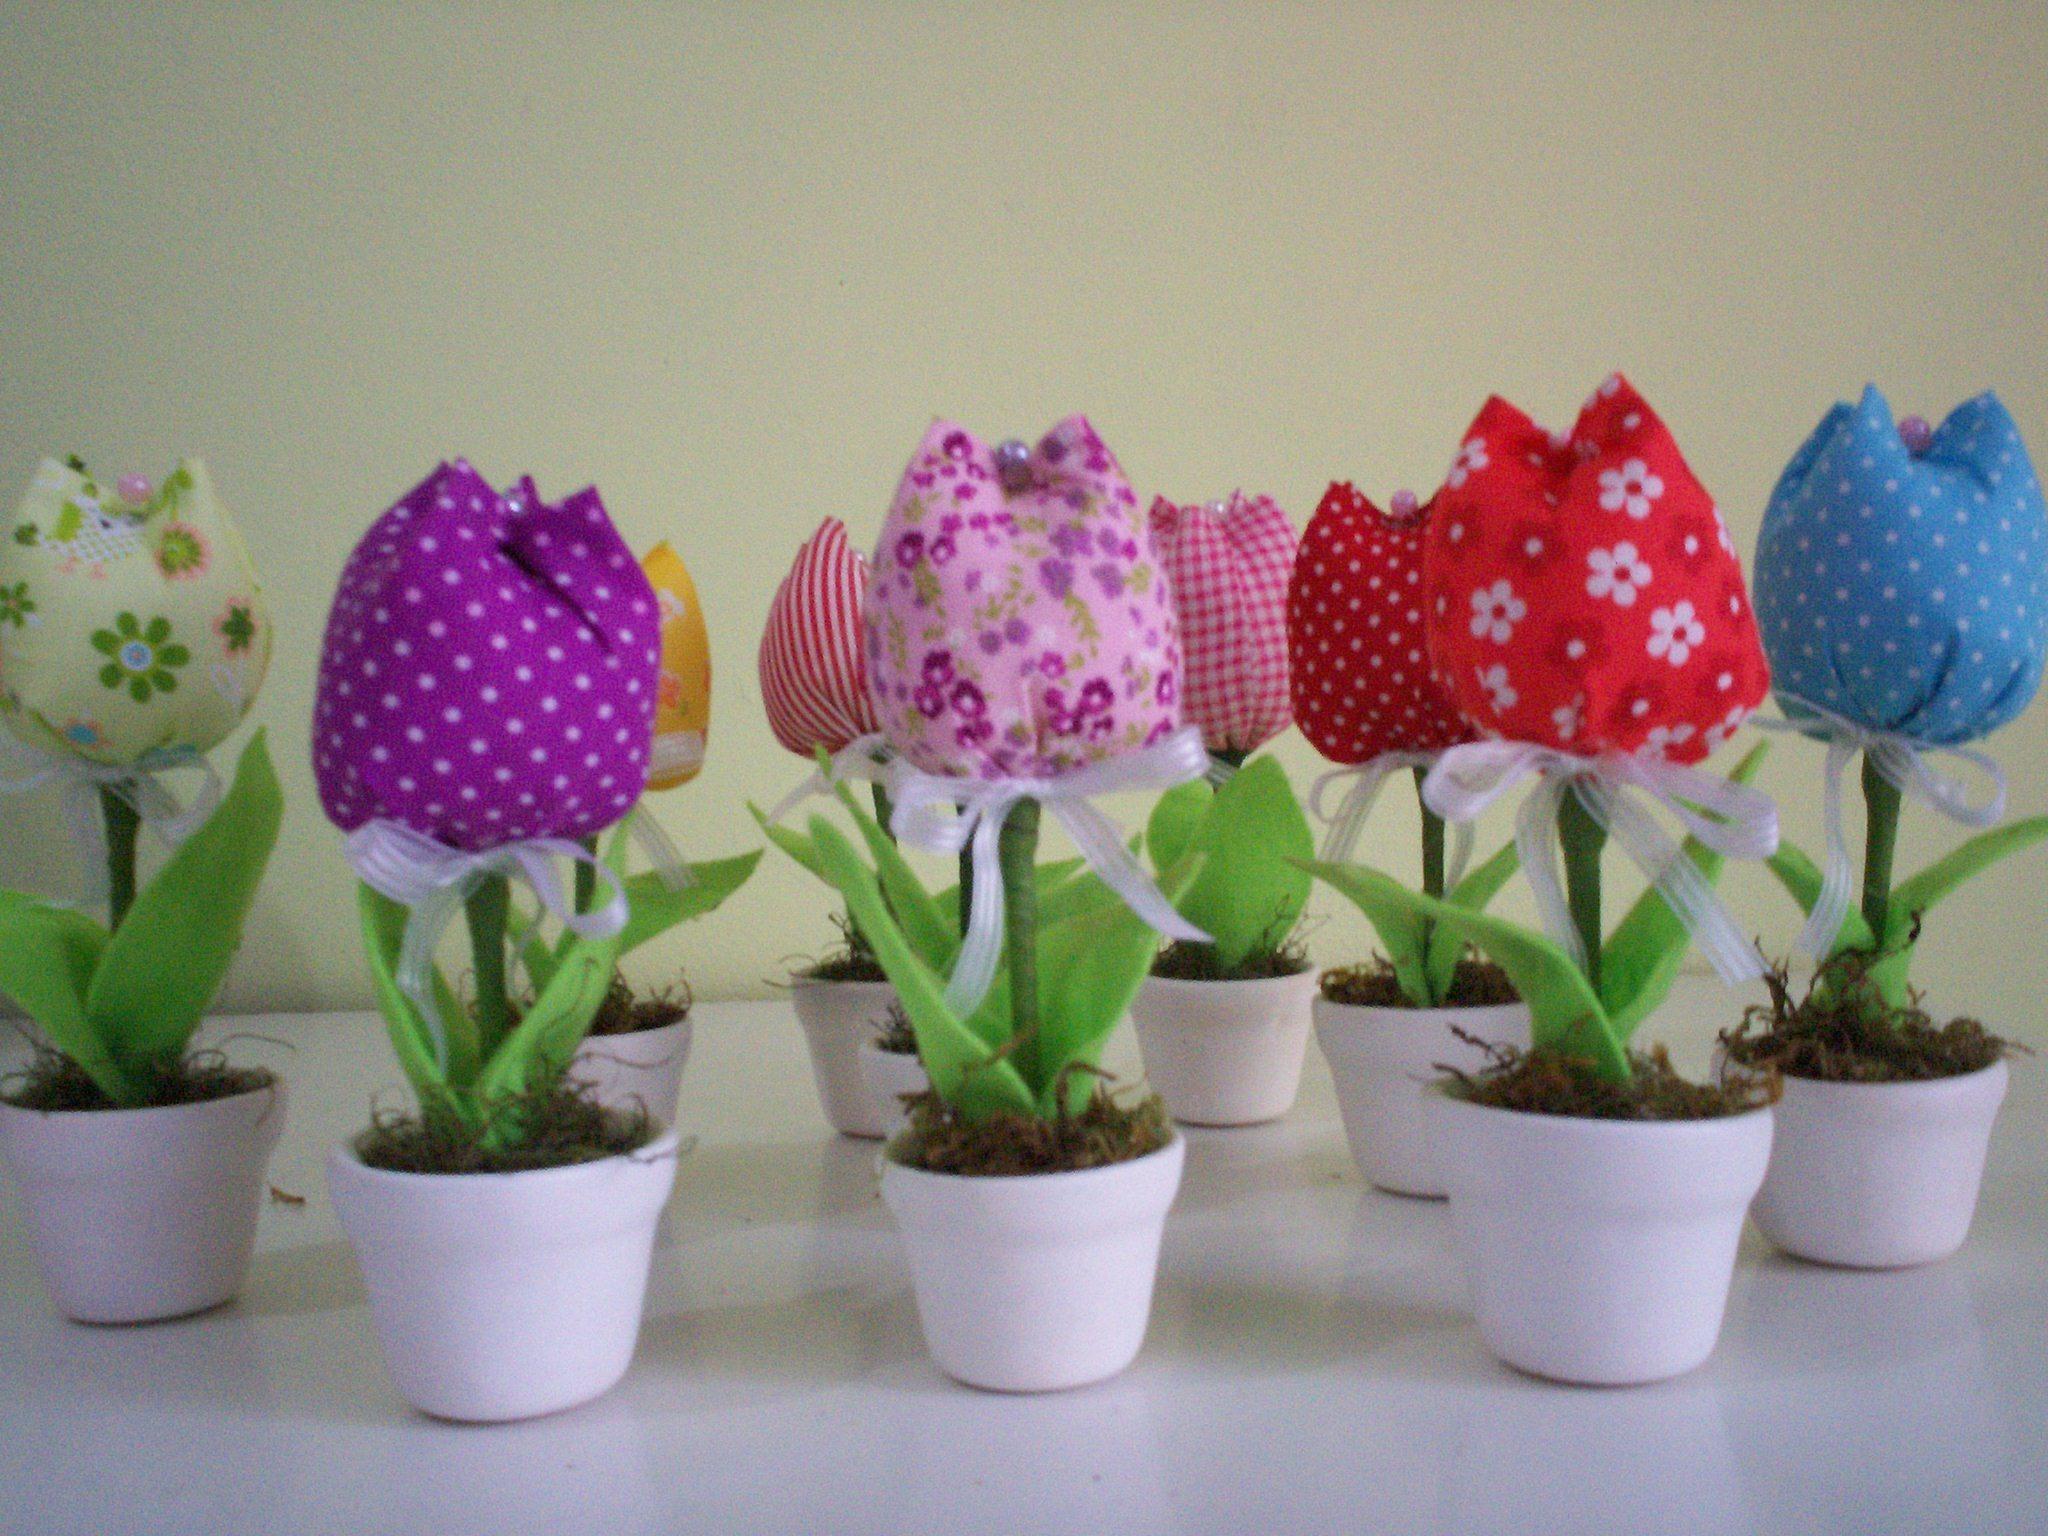 enfeite de mesa aniversario jardim encantado:lembrancinha enfeite de mesa c 1 tulipa lembrancinha enfeite de